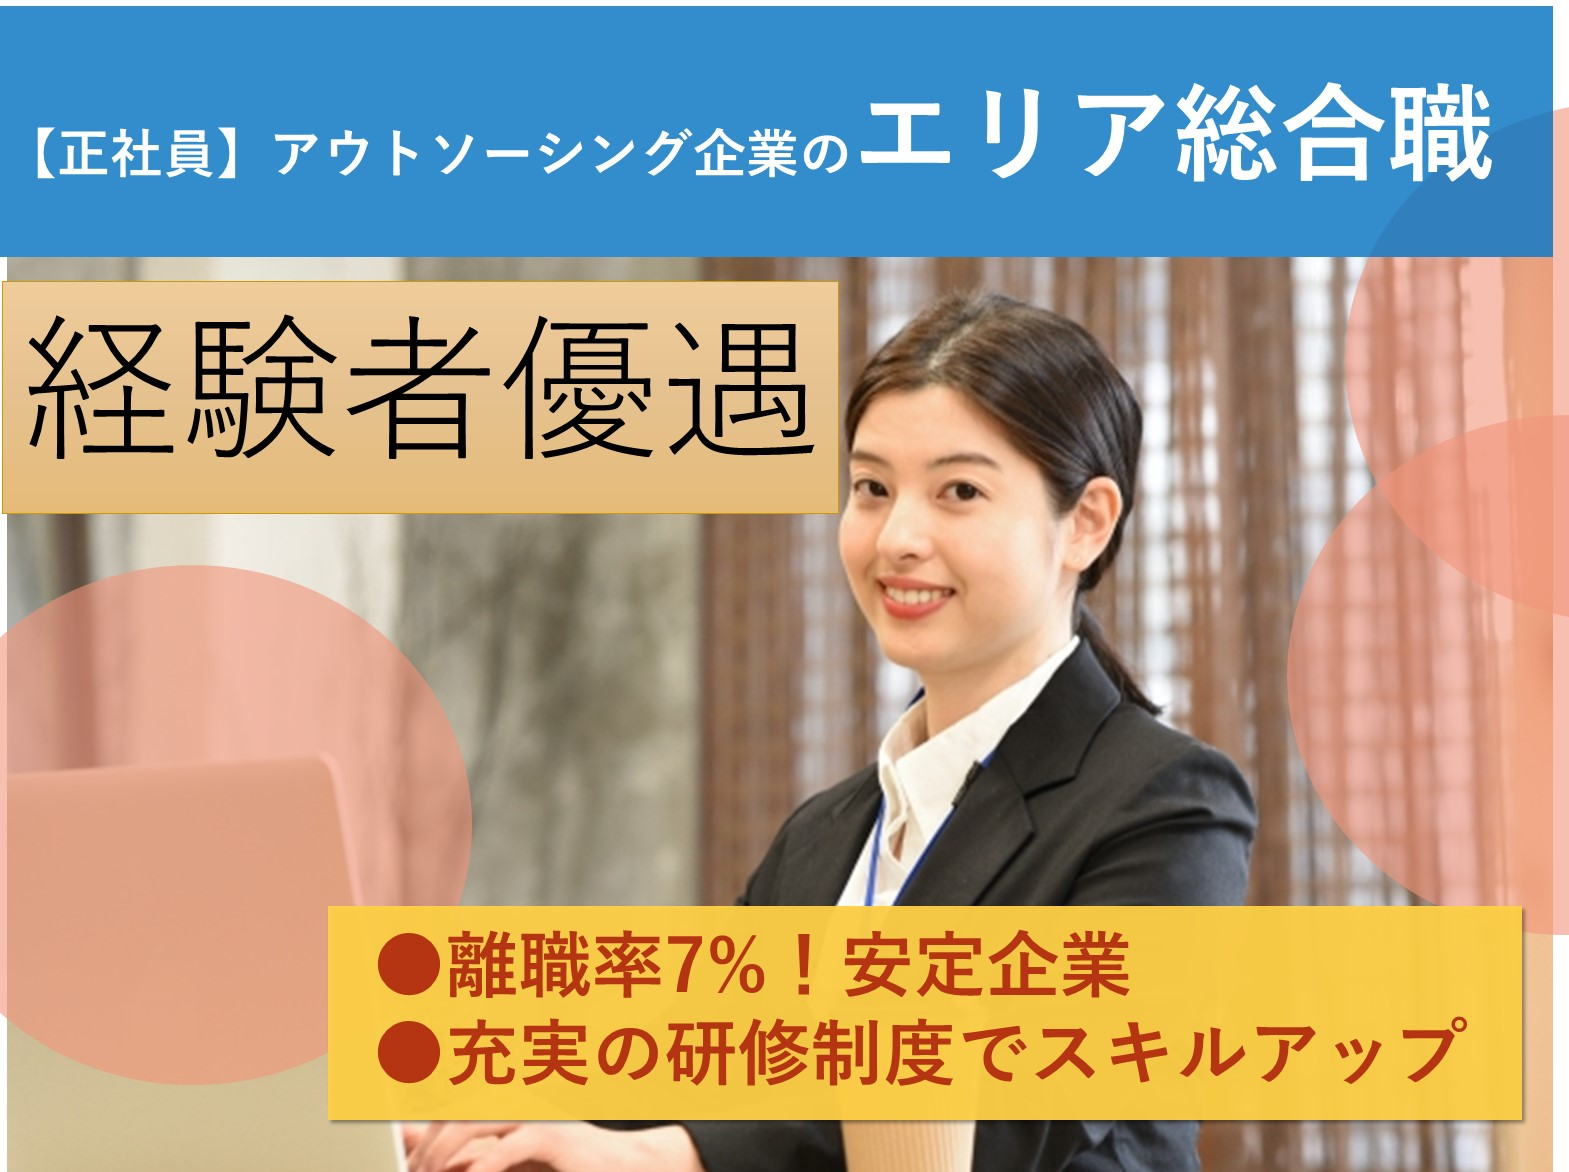 急募【即日入社可】離職率7%!スキルアップを目指す!エリア総合職 イメージ